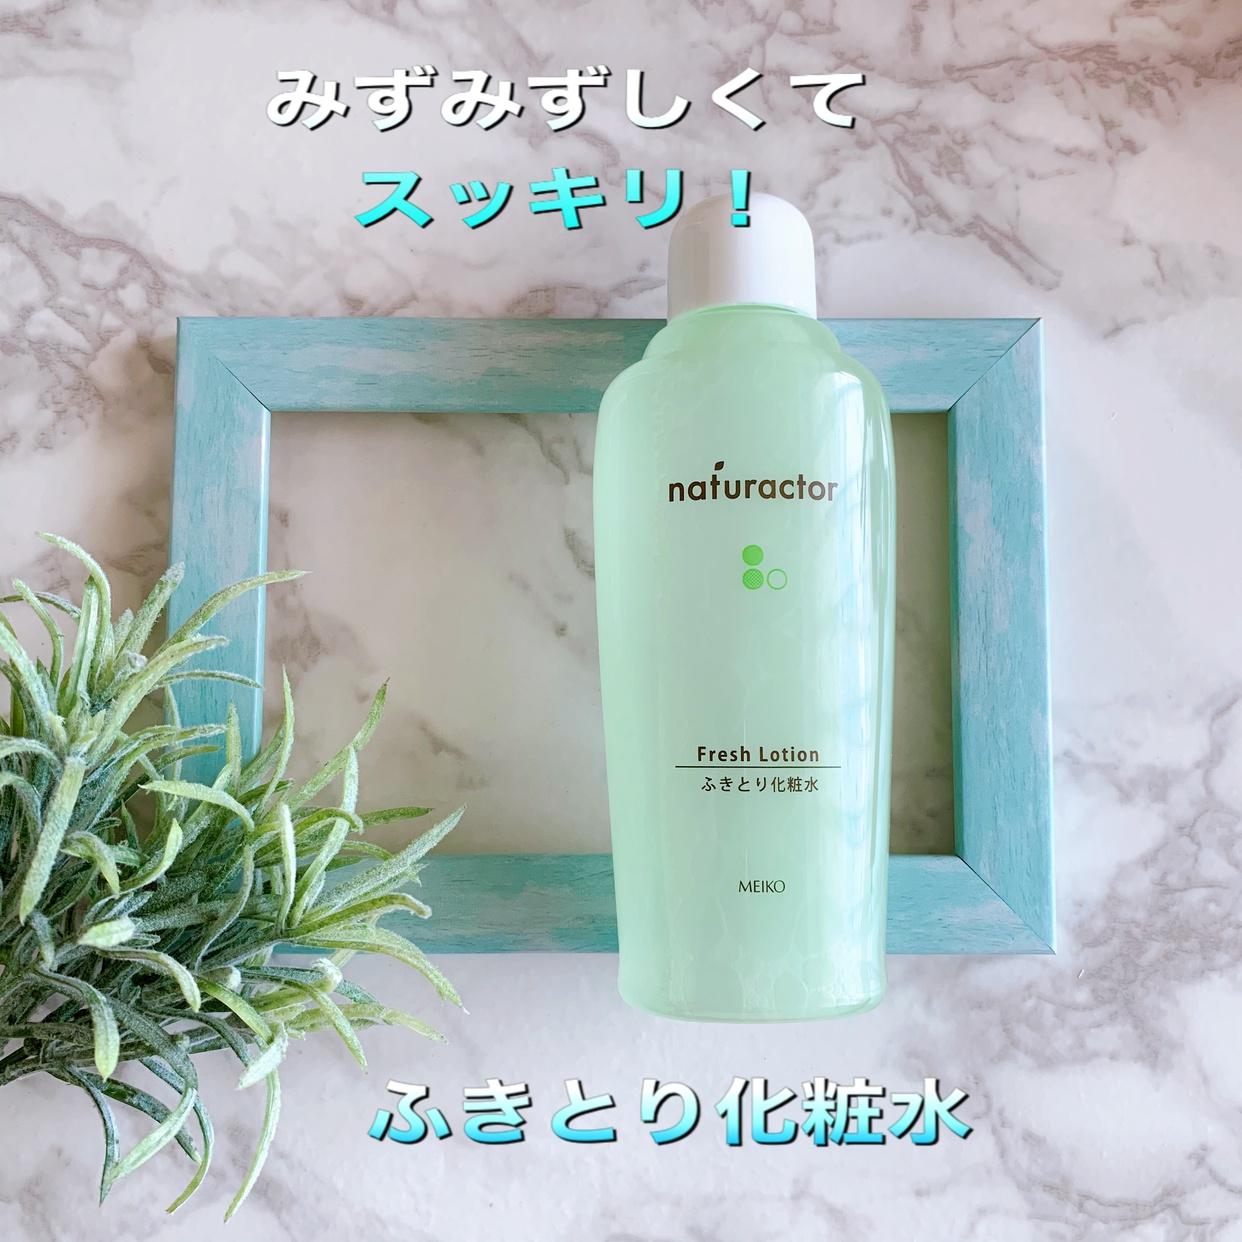 naturactor(ナチュラクター) フレッシュローション(ふきとり化粧水)を使ったsnowmiさんのクチコミ画像